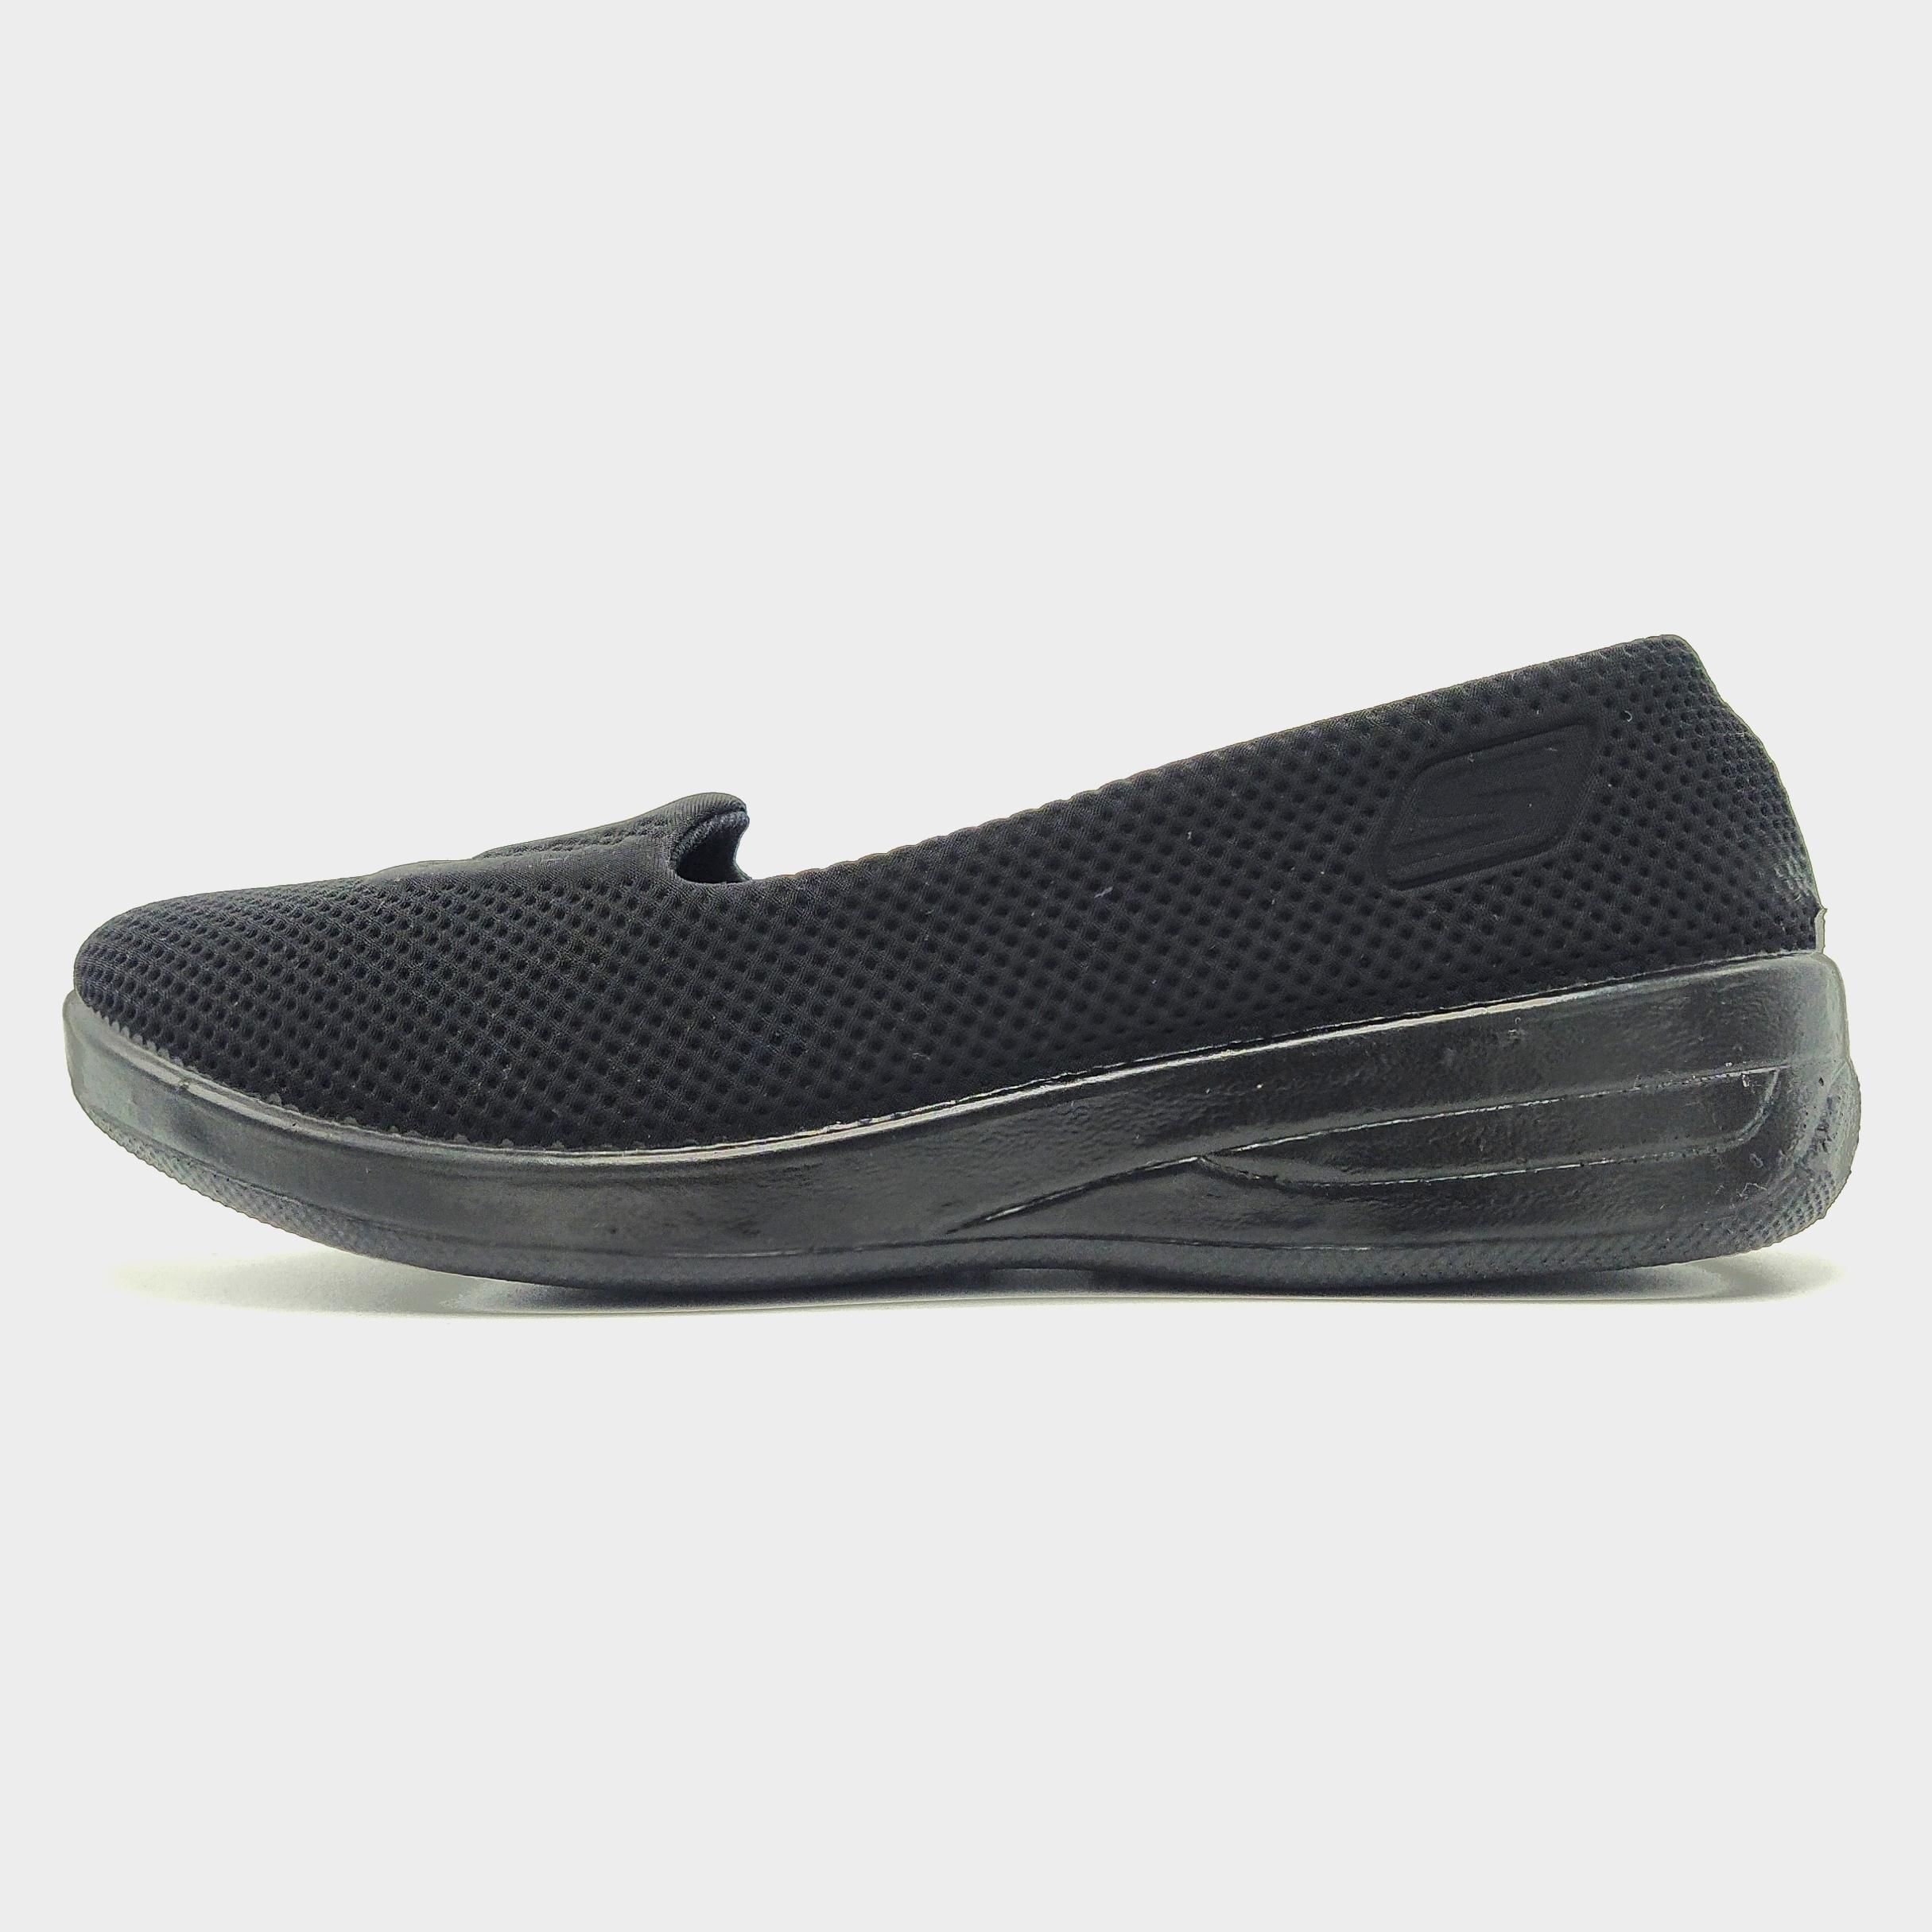 کفش پیاده روی زنانه مدل 4439                     غیر اصل